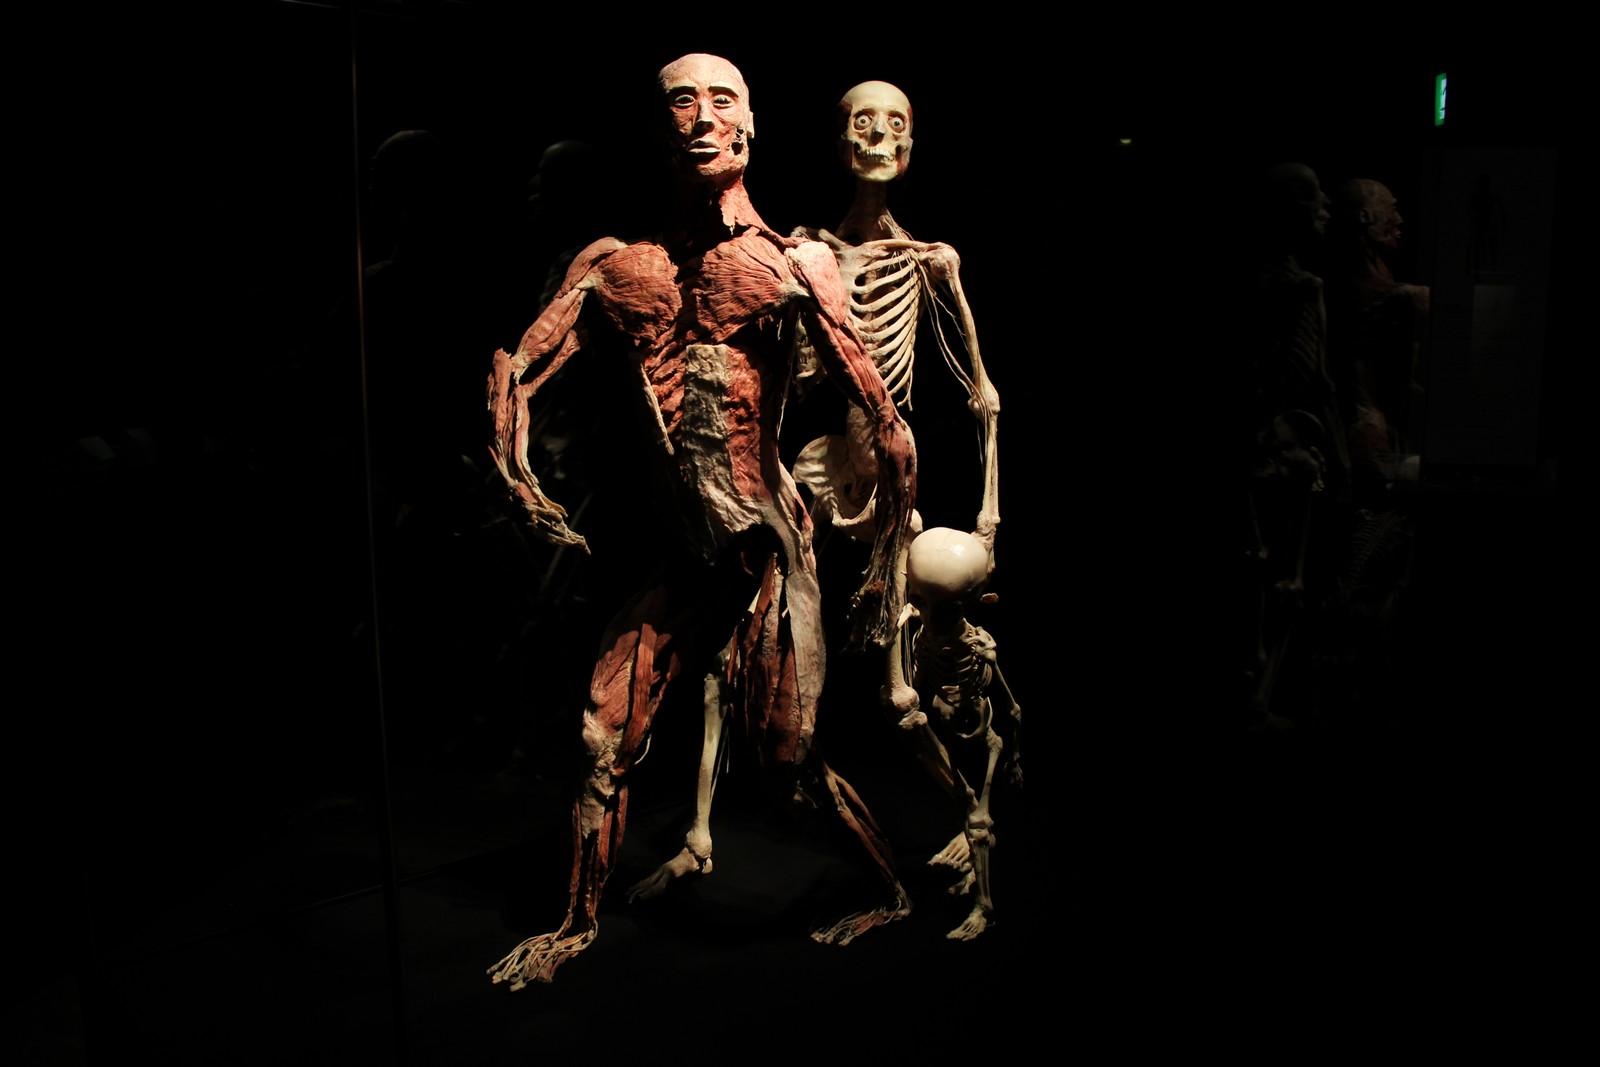 Nå arbeides det med å sette på plass alle kroppsdelene i utstillingsrommene, før den offisielle åpningen av vandreutstillingen «Body Worlds Vital». 13 hele kropper i ulike positurer skal vises frem – i tillegg til hundretalls organer. Utstillingen åpner etter pinsehelga.